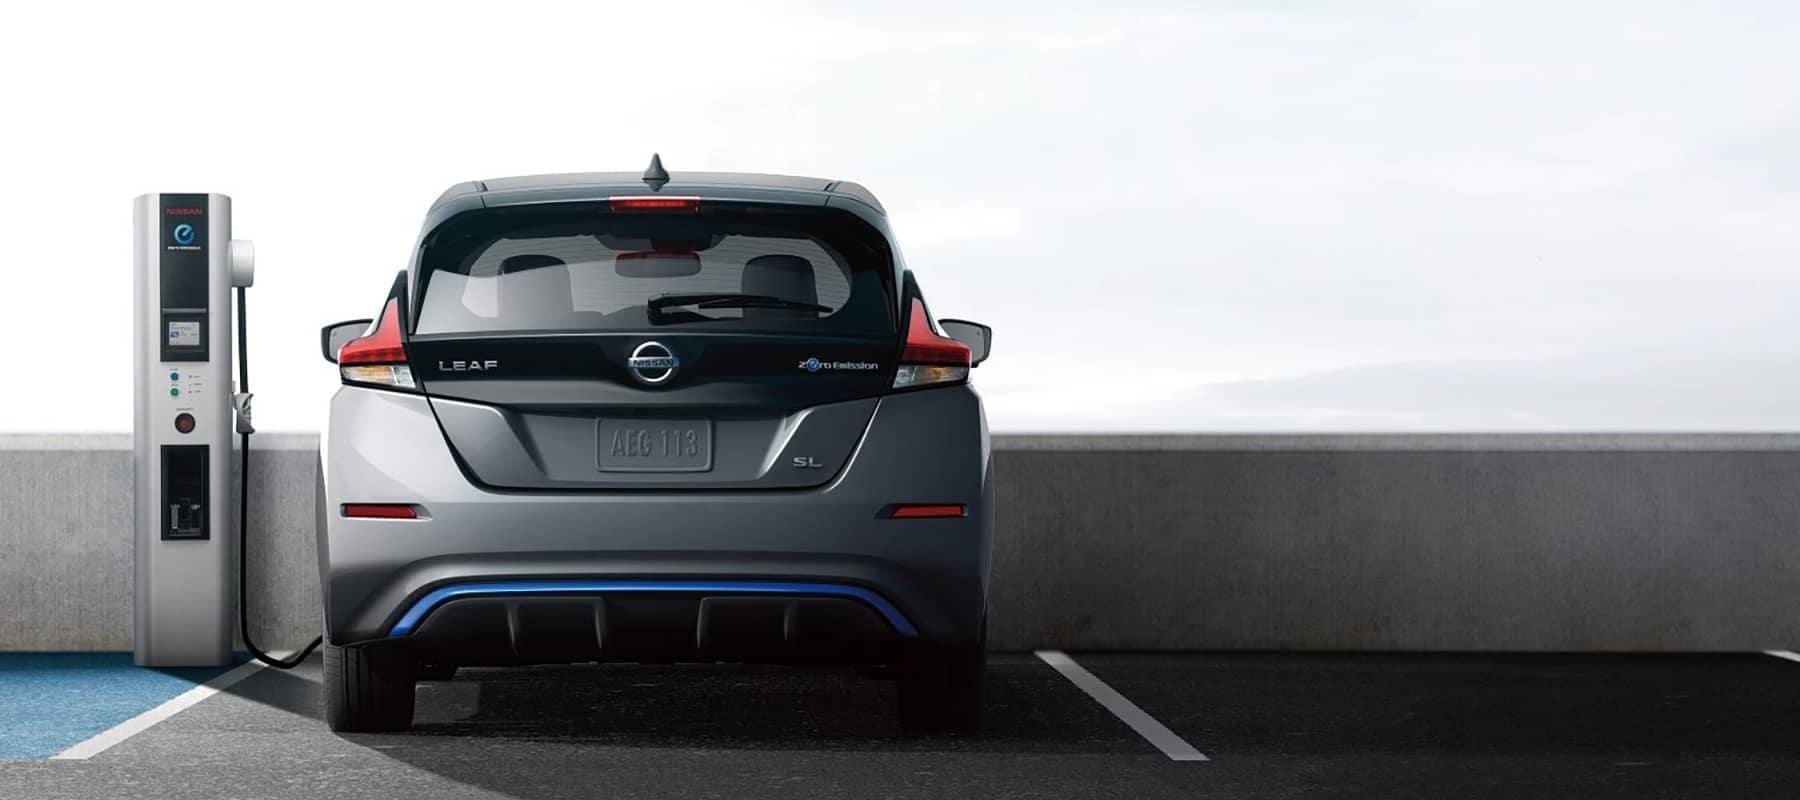 2018 Nissan Leaf Charging